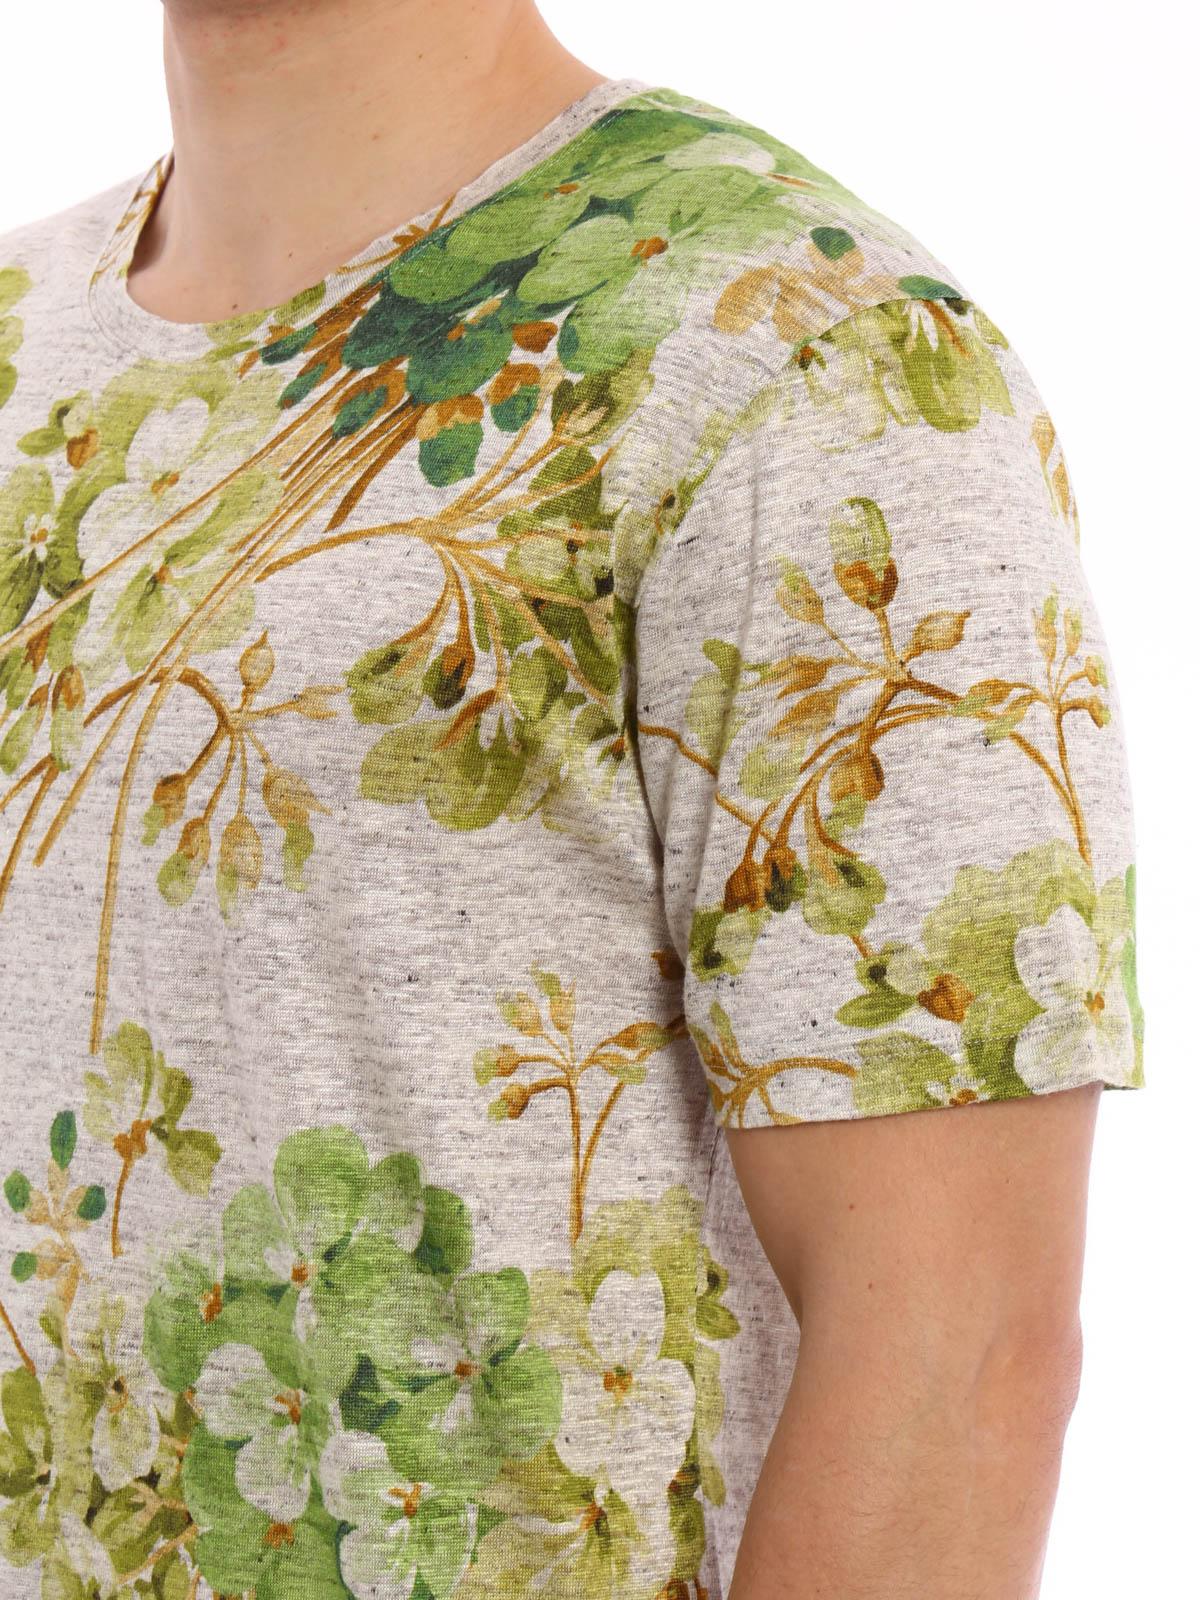 db947ce25 Gucci - Blooms print jersey T-shirt - t-shirts - MN0409708XJ064 9391